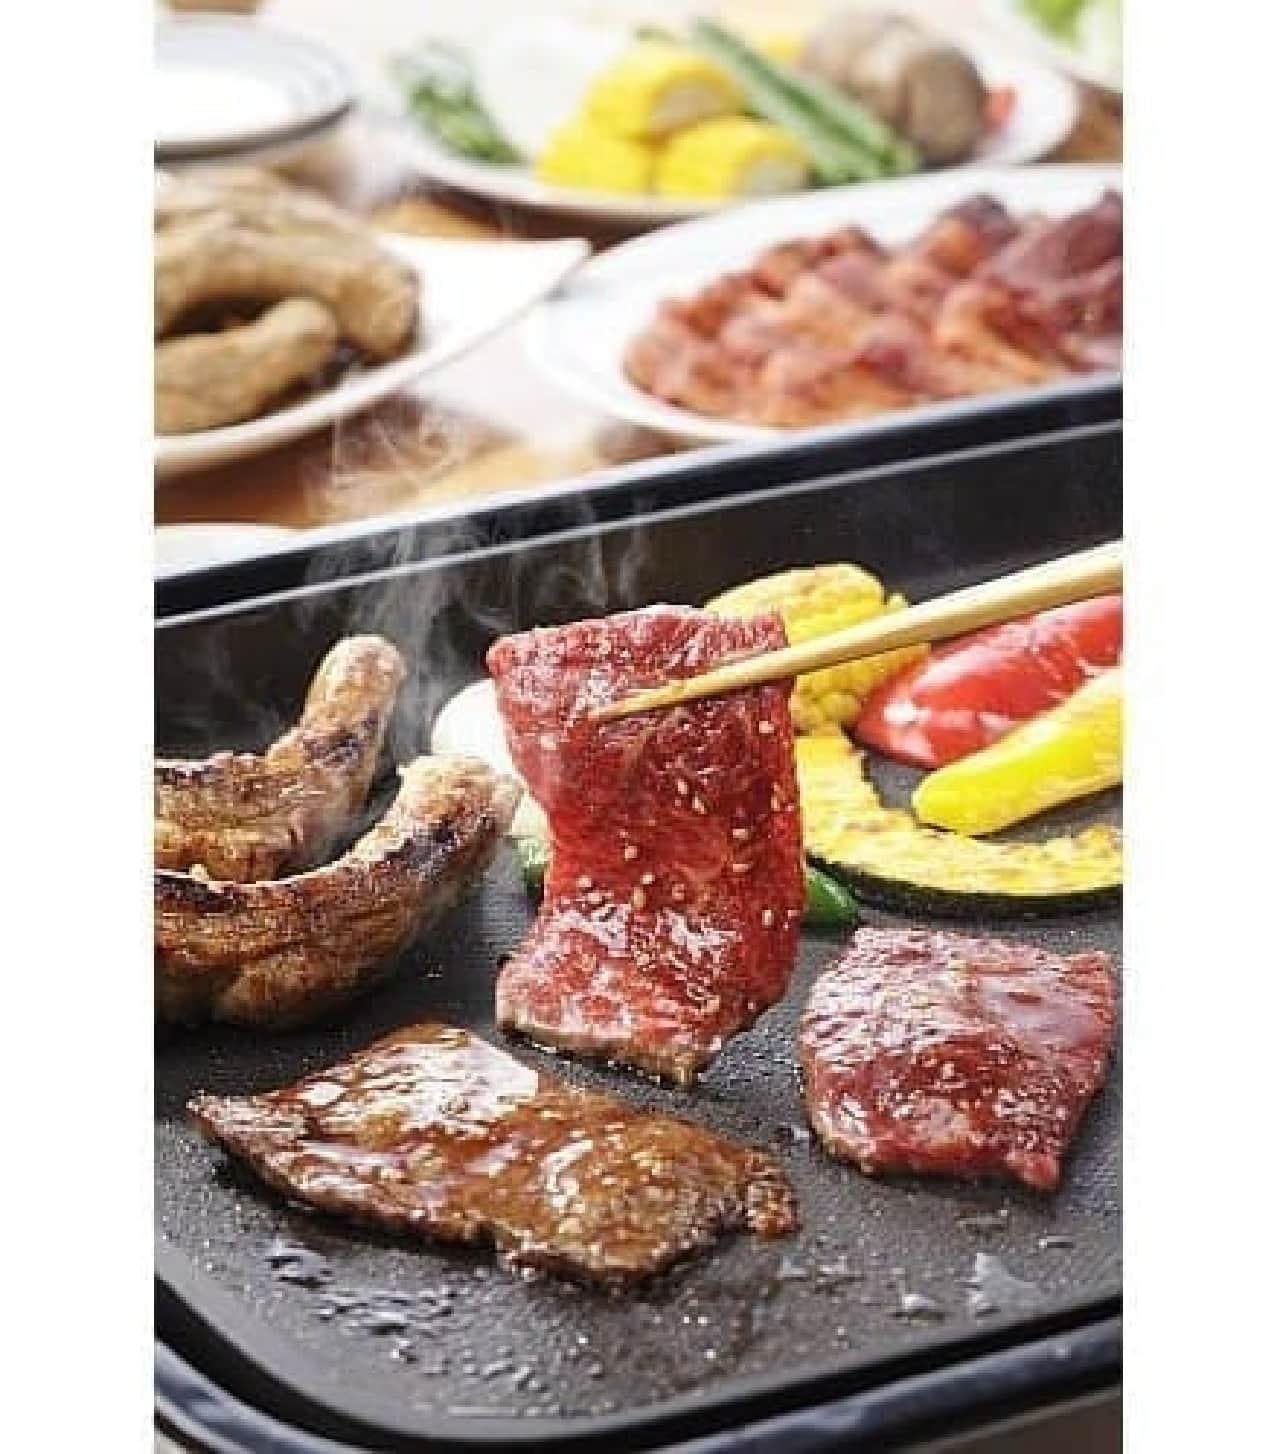 家焼肉の食べ方に関する意識調査